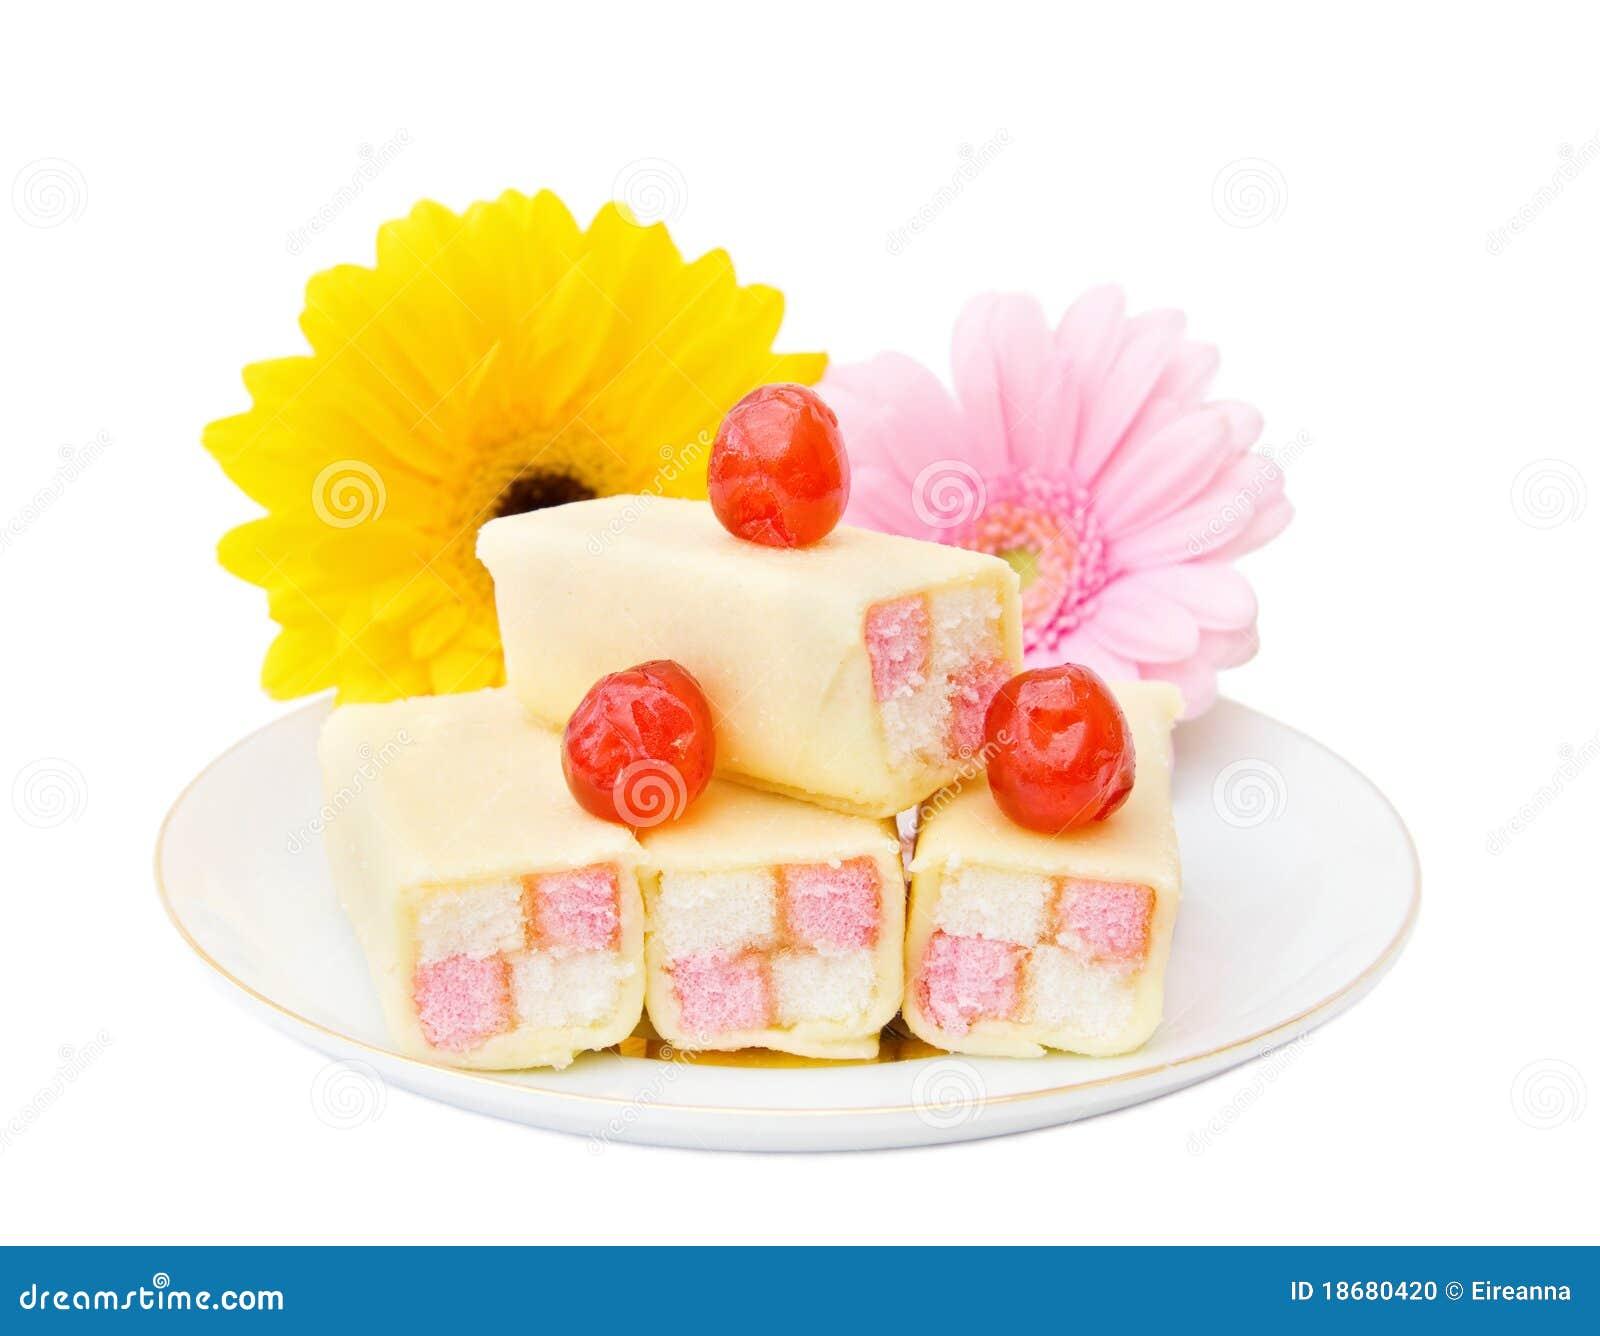 Tasty Cakes Bakery